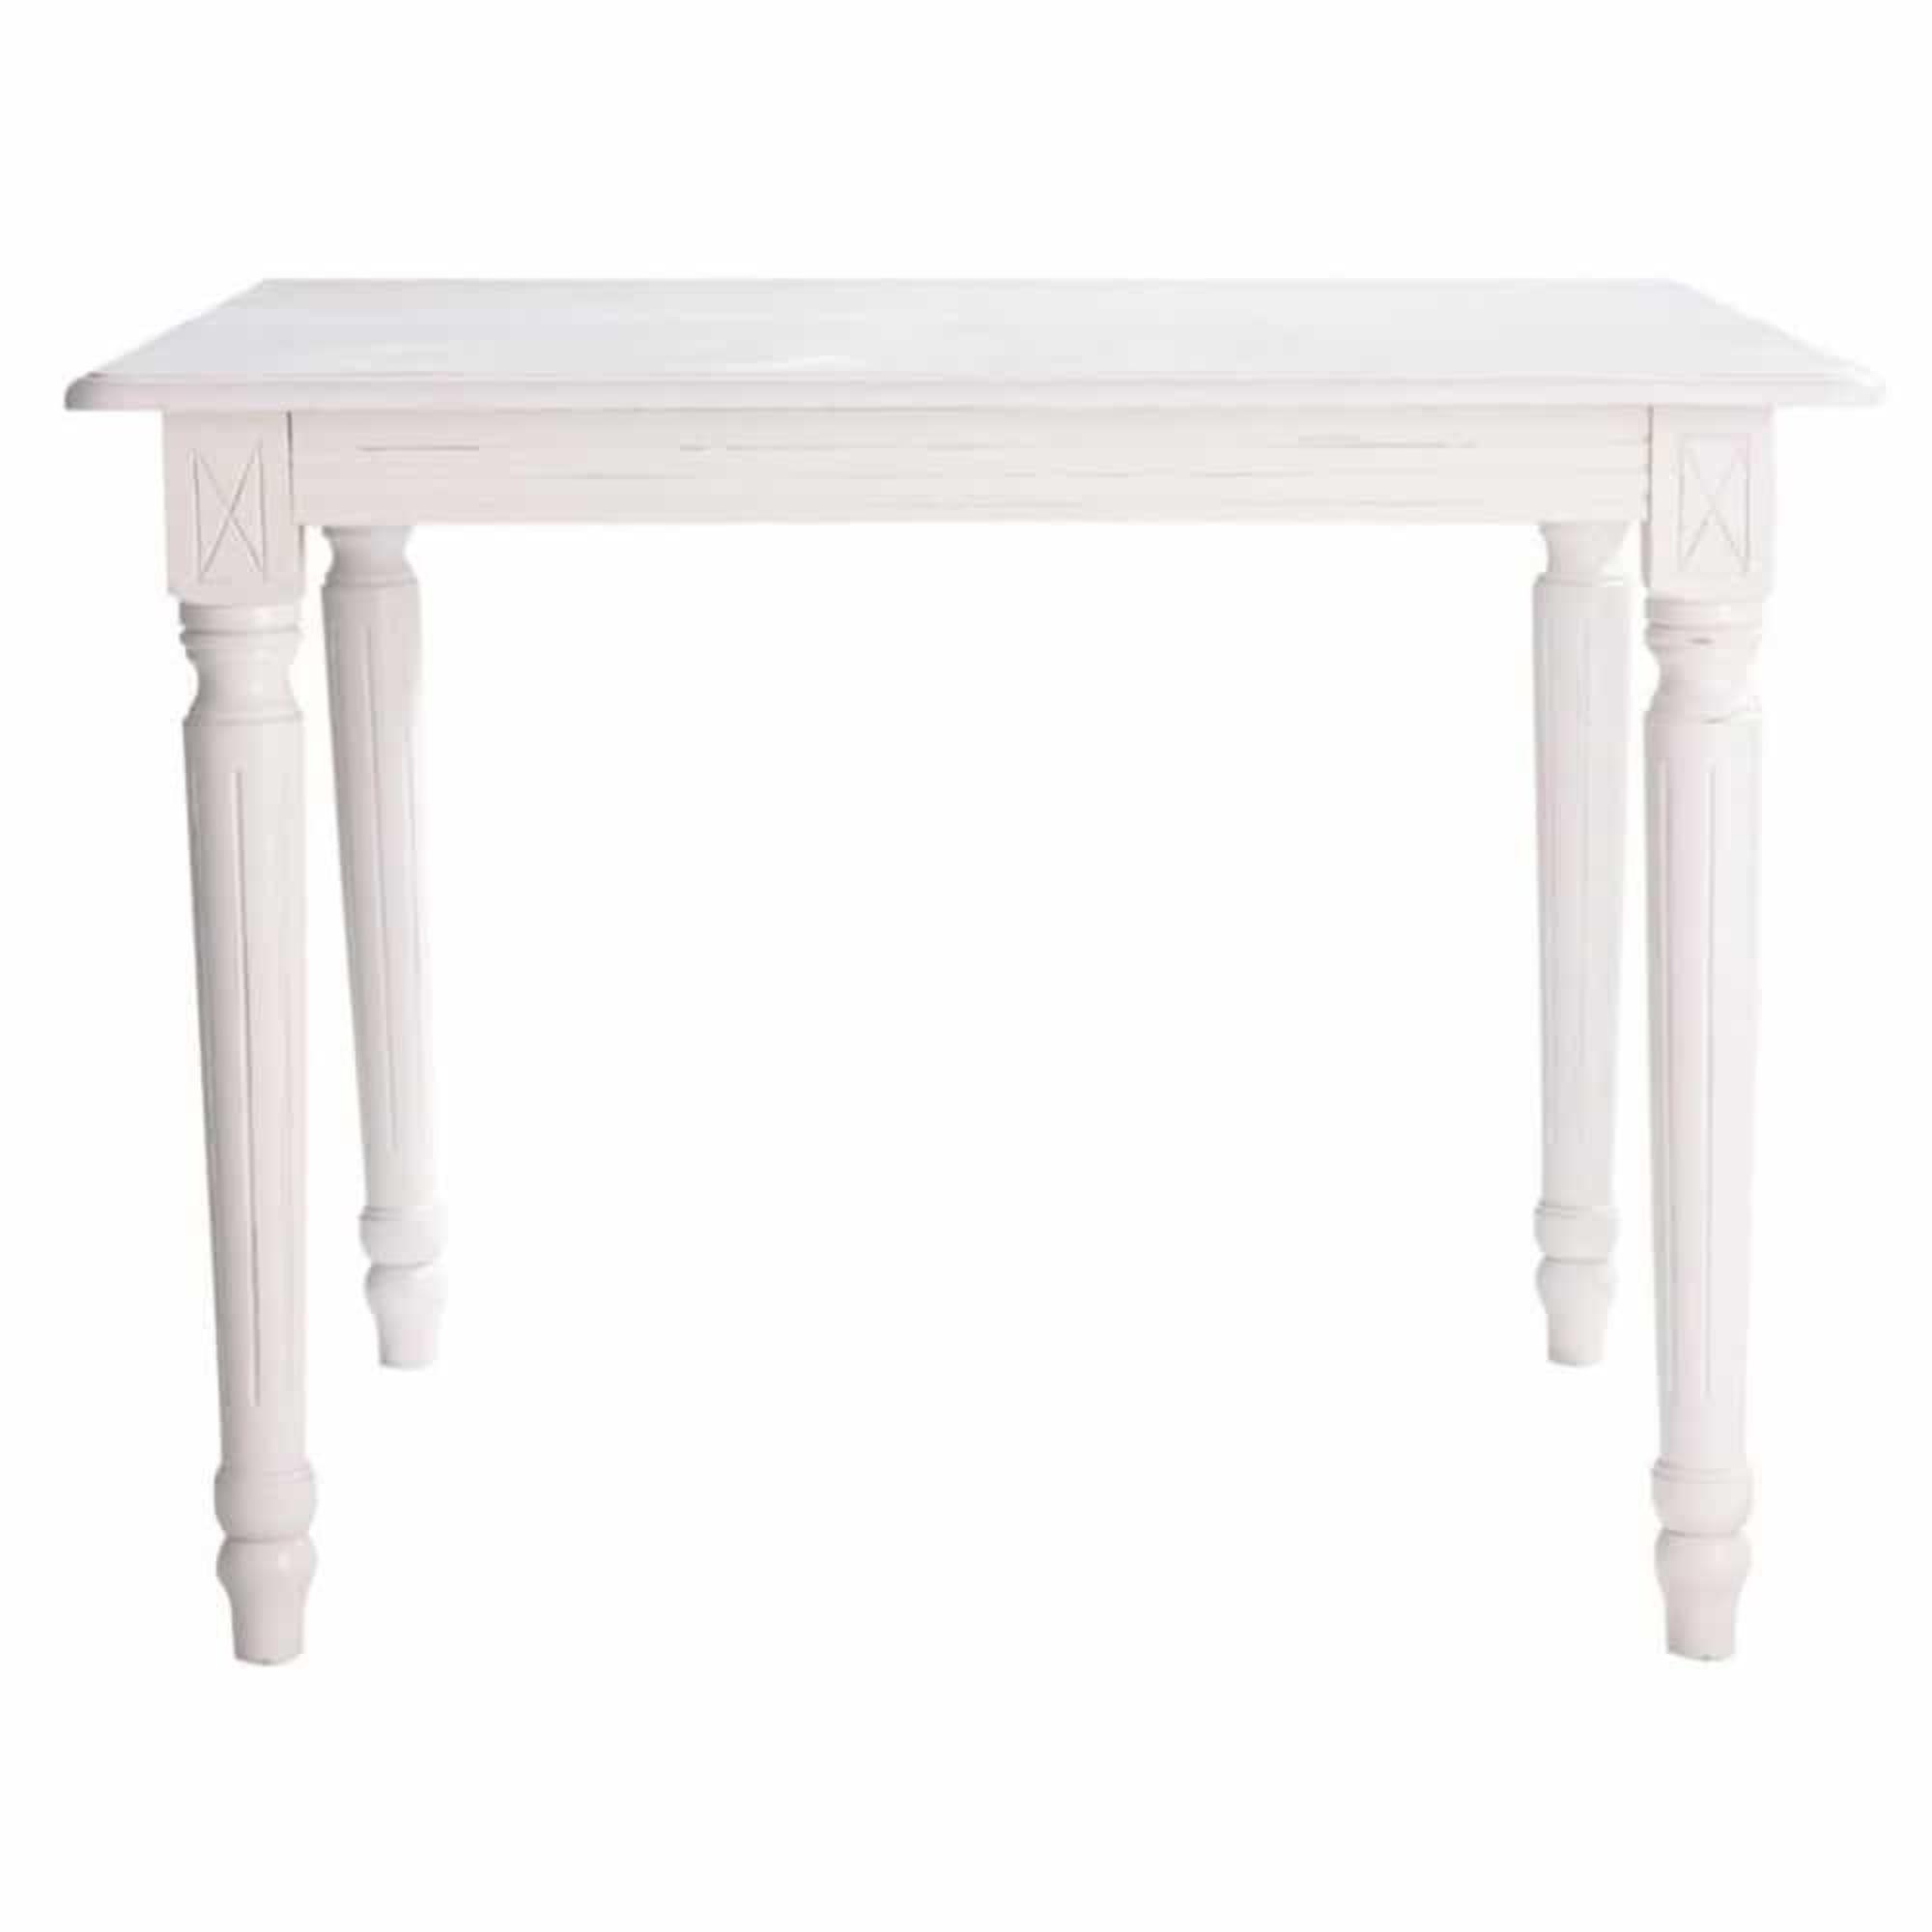 Mesa de comedor extensible de 4 a 8 personas blanca An. 100/180 cm Descripción 499,00 €